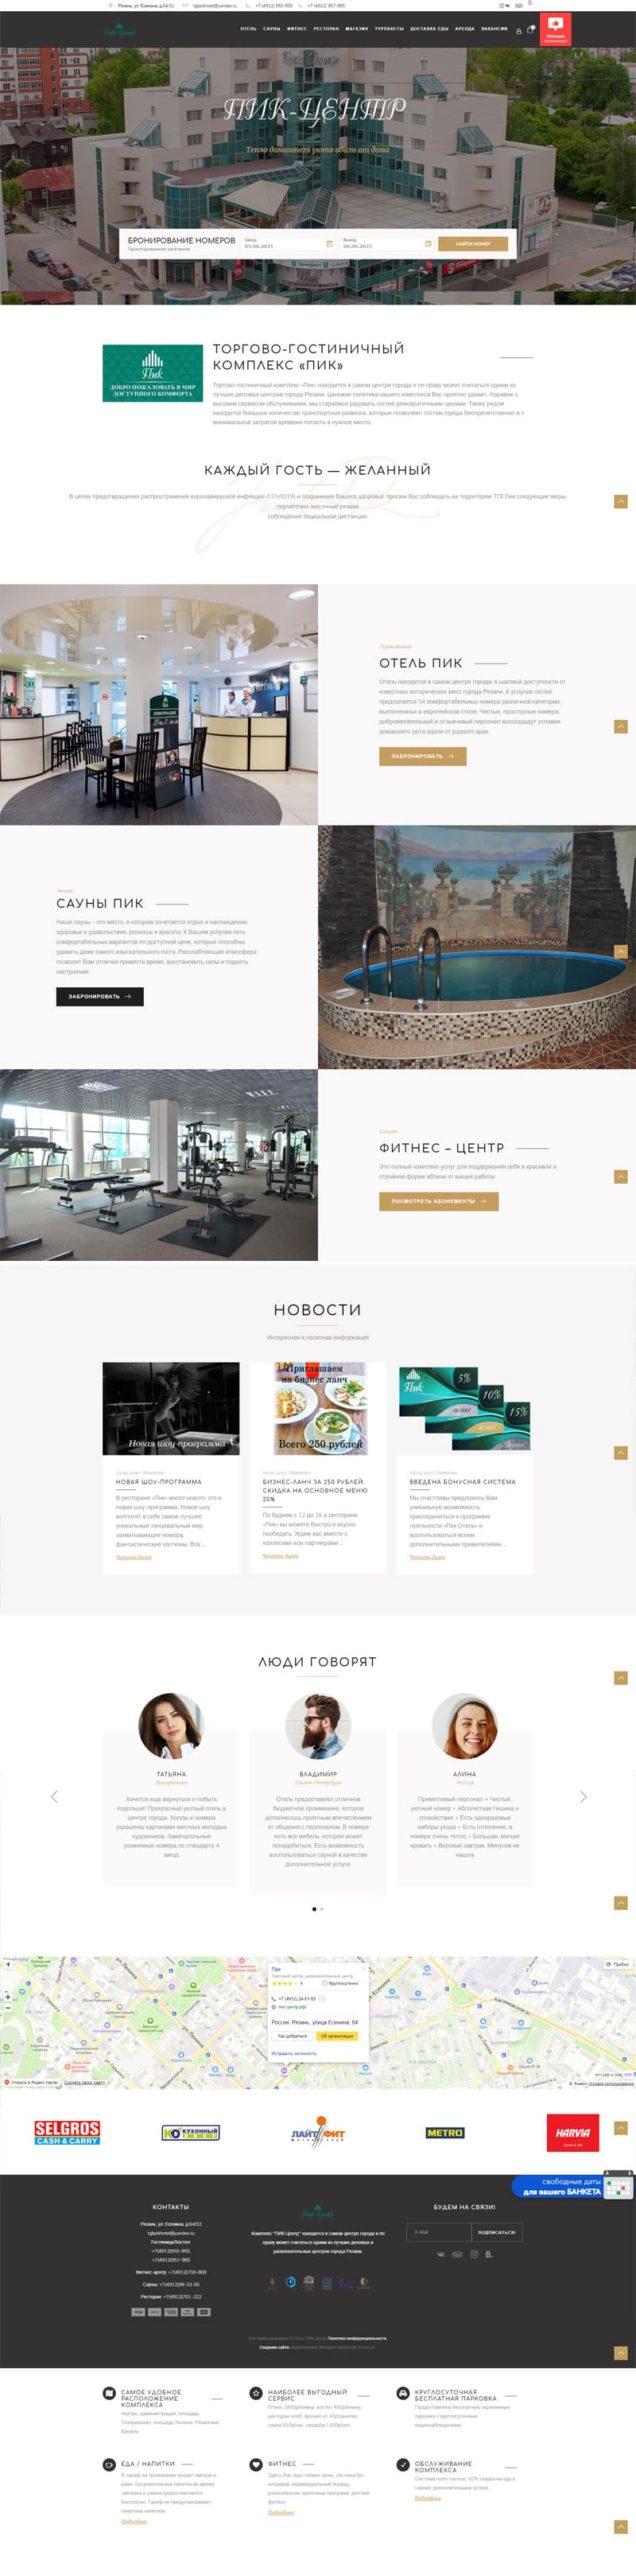 Сделать сайт для гостинцы, отеля, дома отдыха